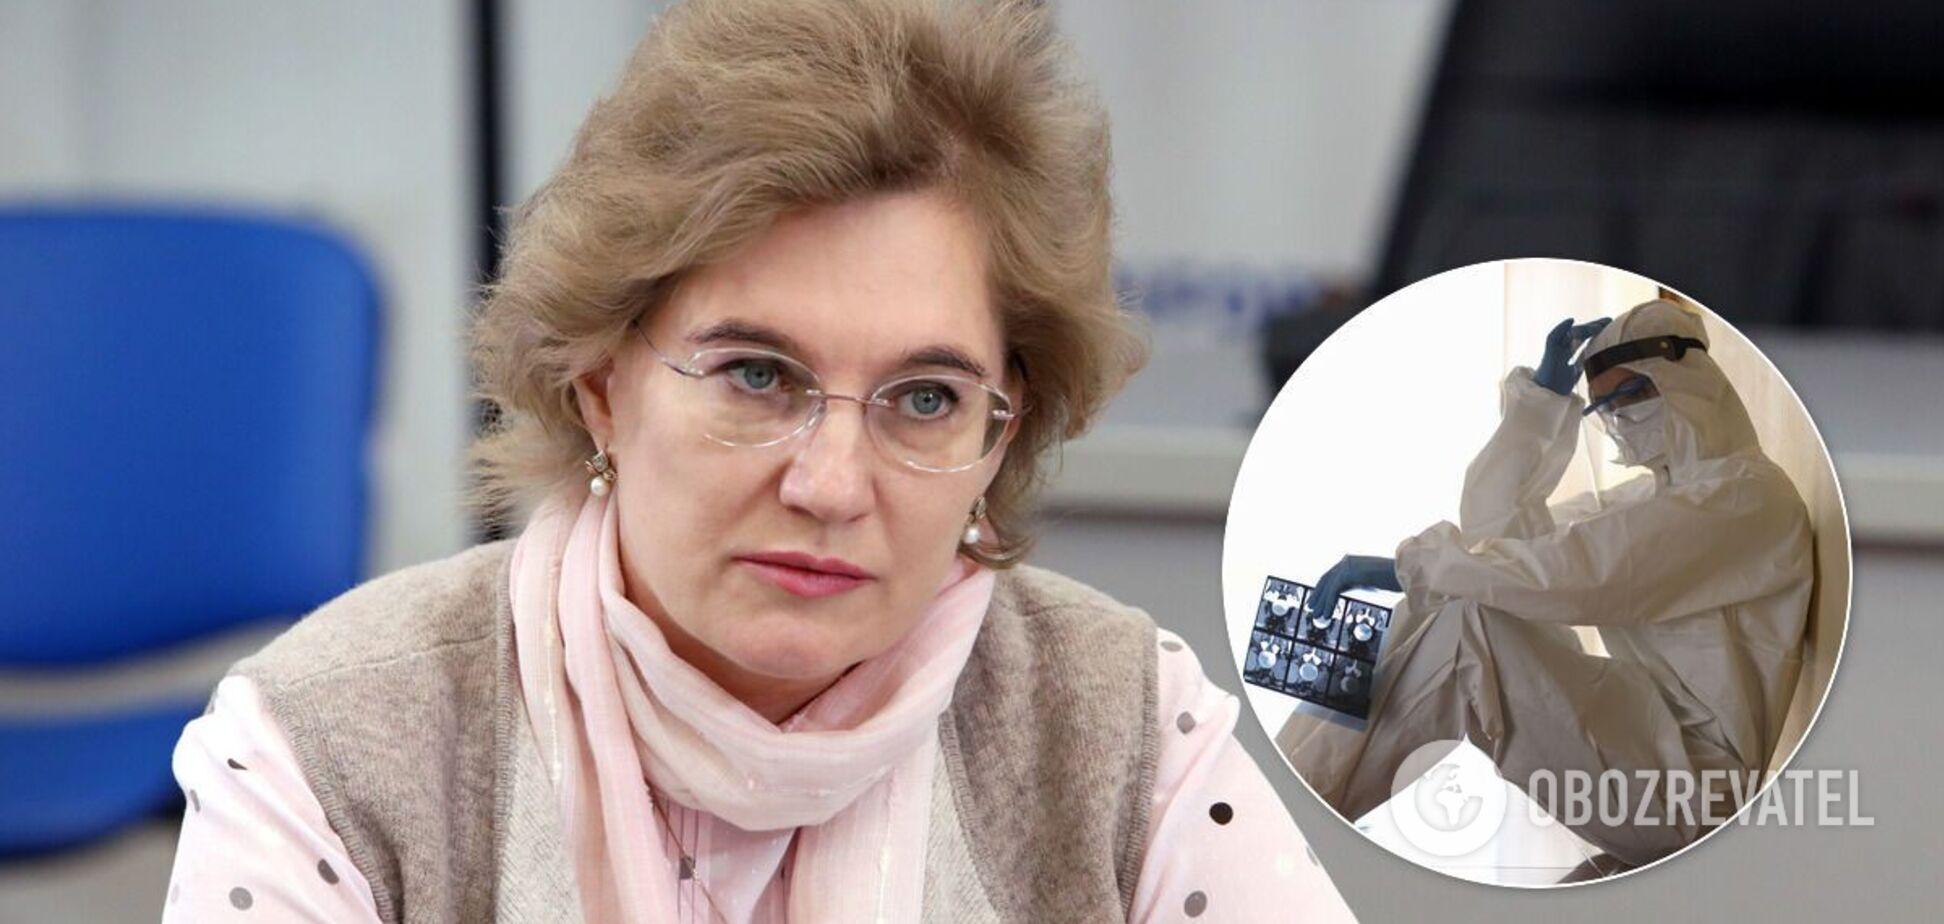 Голубовська назвала винних у катастрофі з медициною в Україні